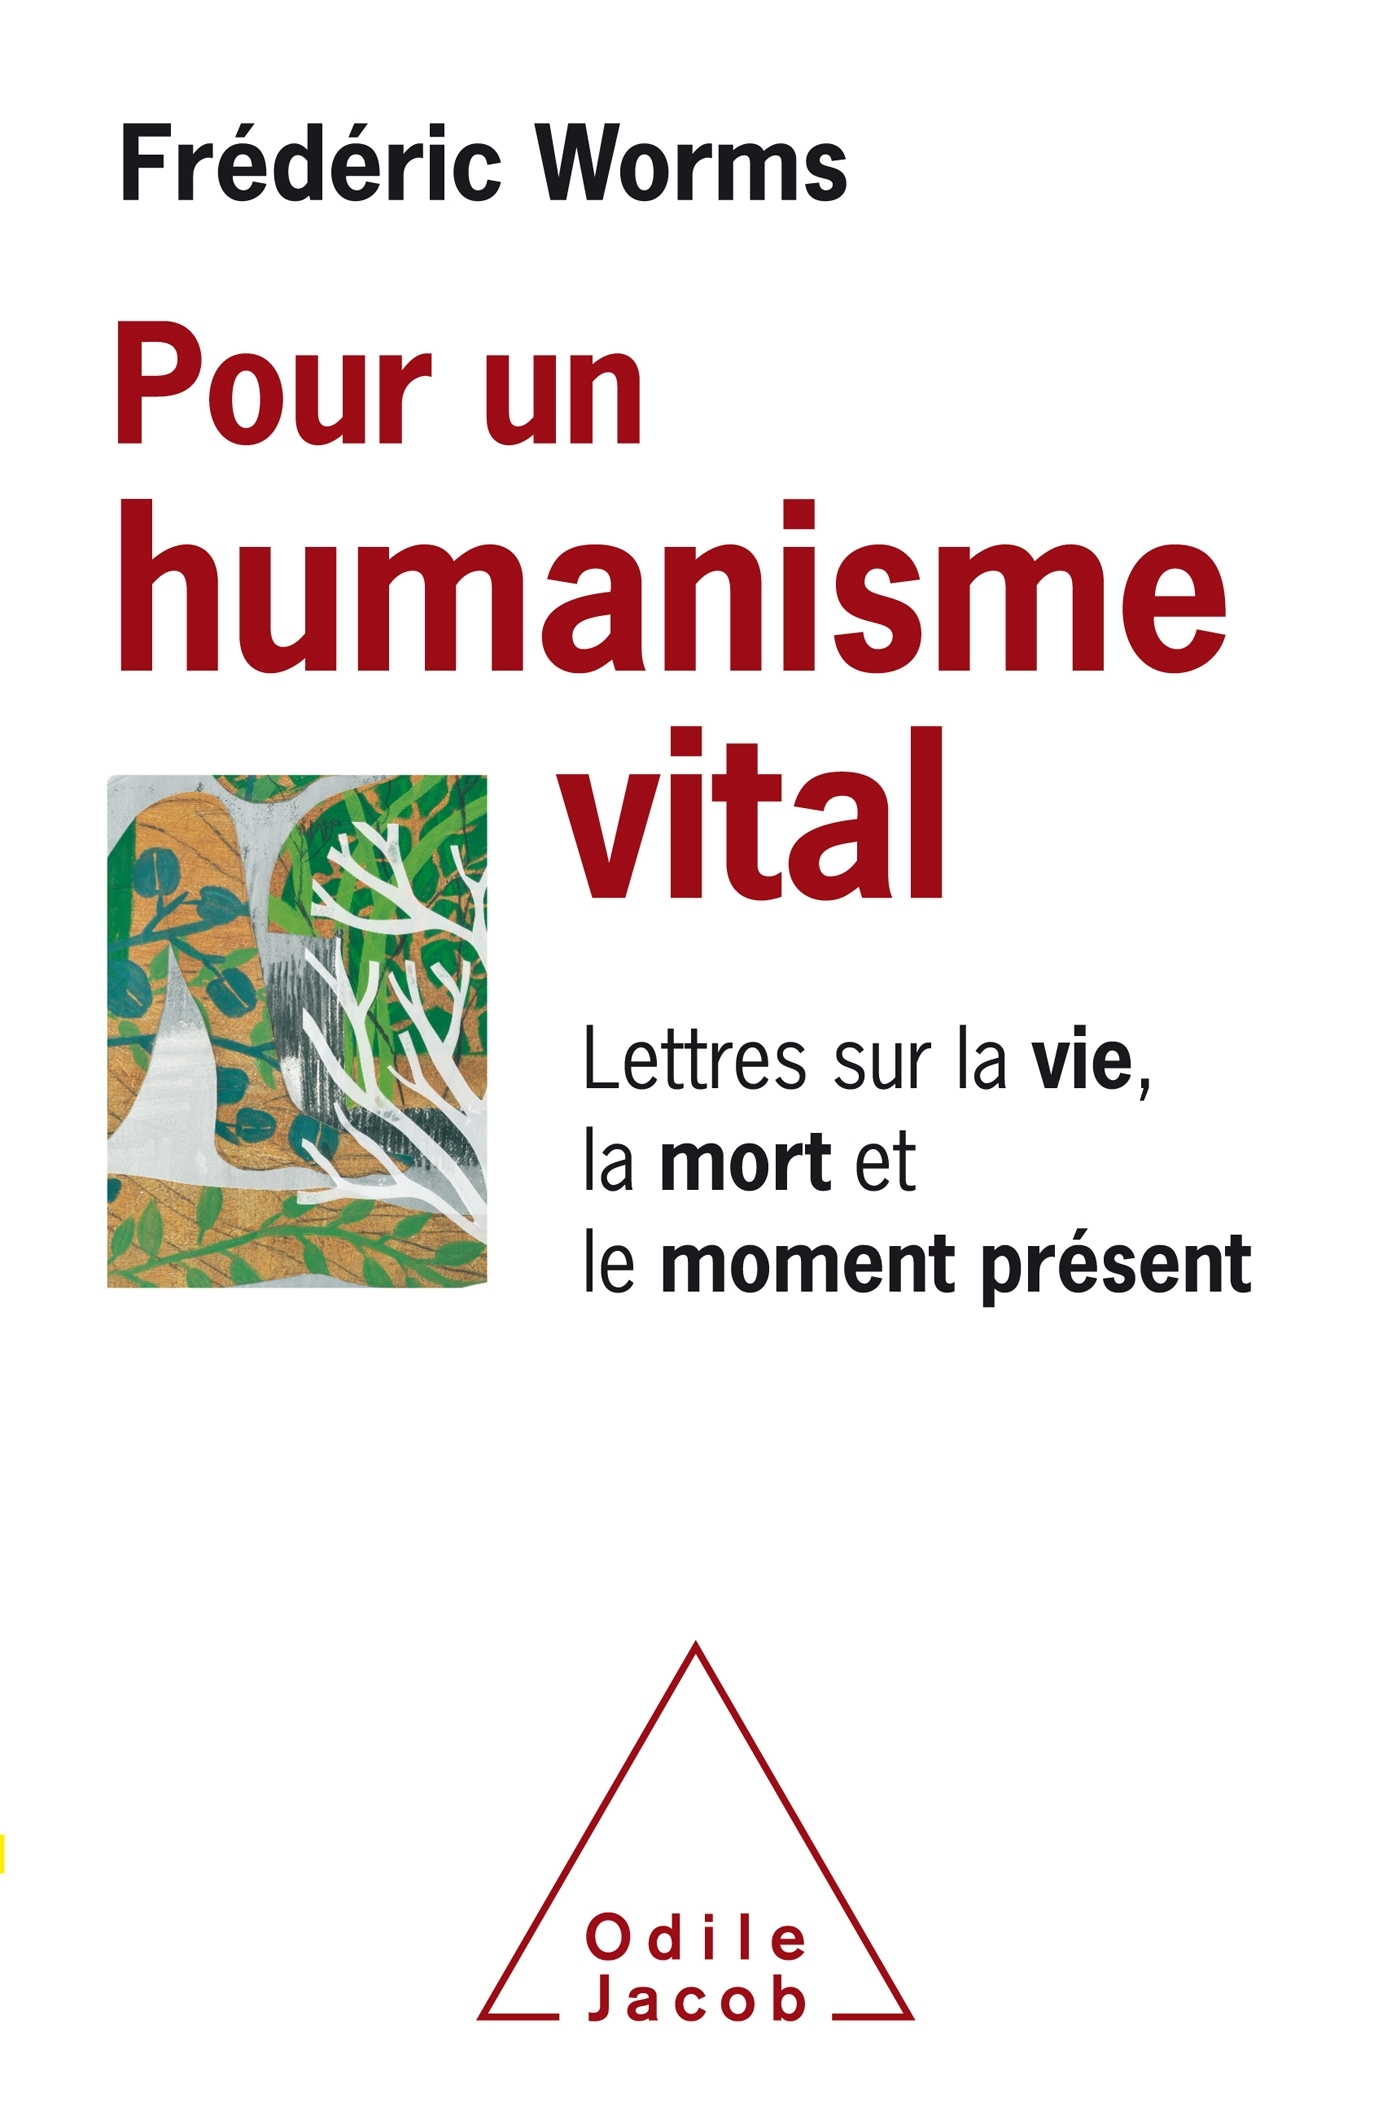 POUR UN HUMANISME VITAL - LETTRES SUR LA VIE, LA MORT ET LE MOMENT PRESENT